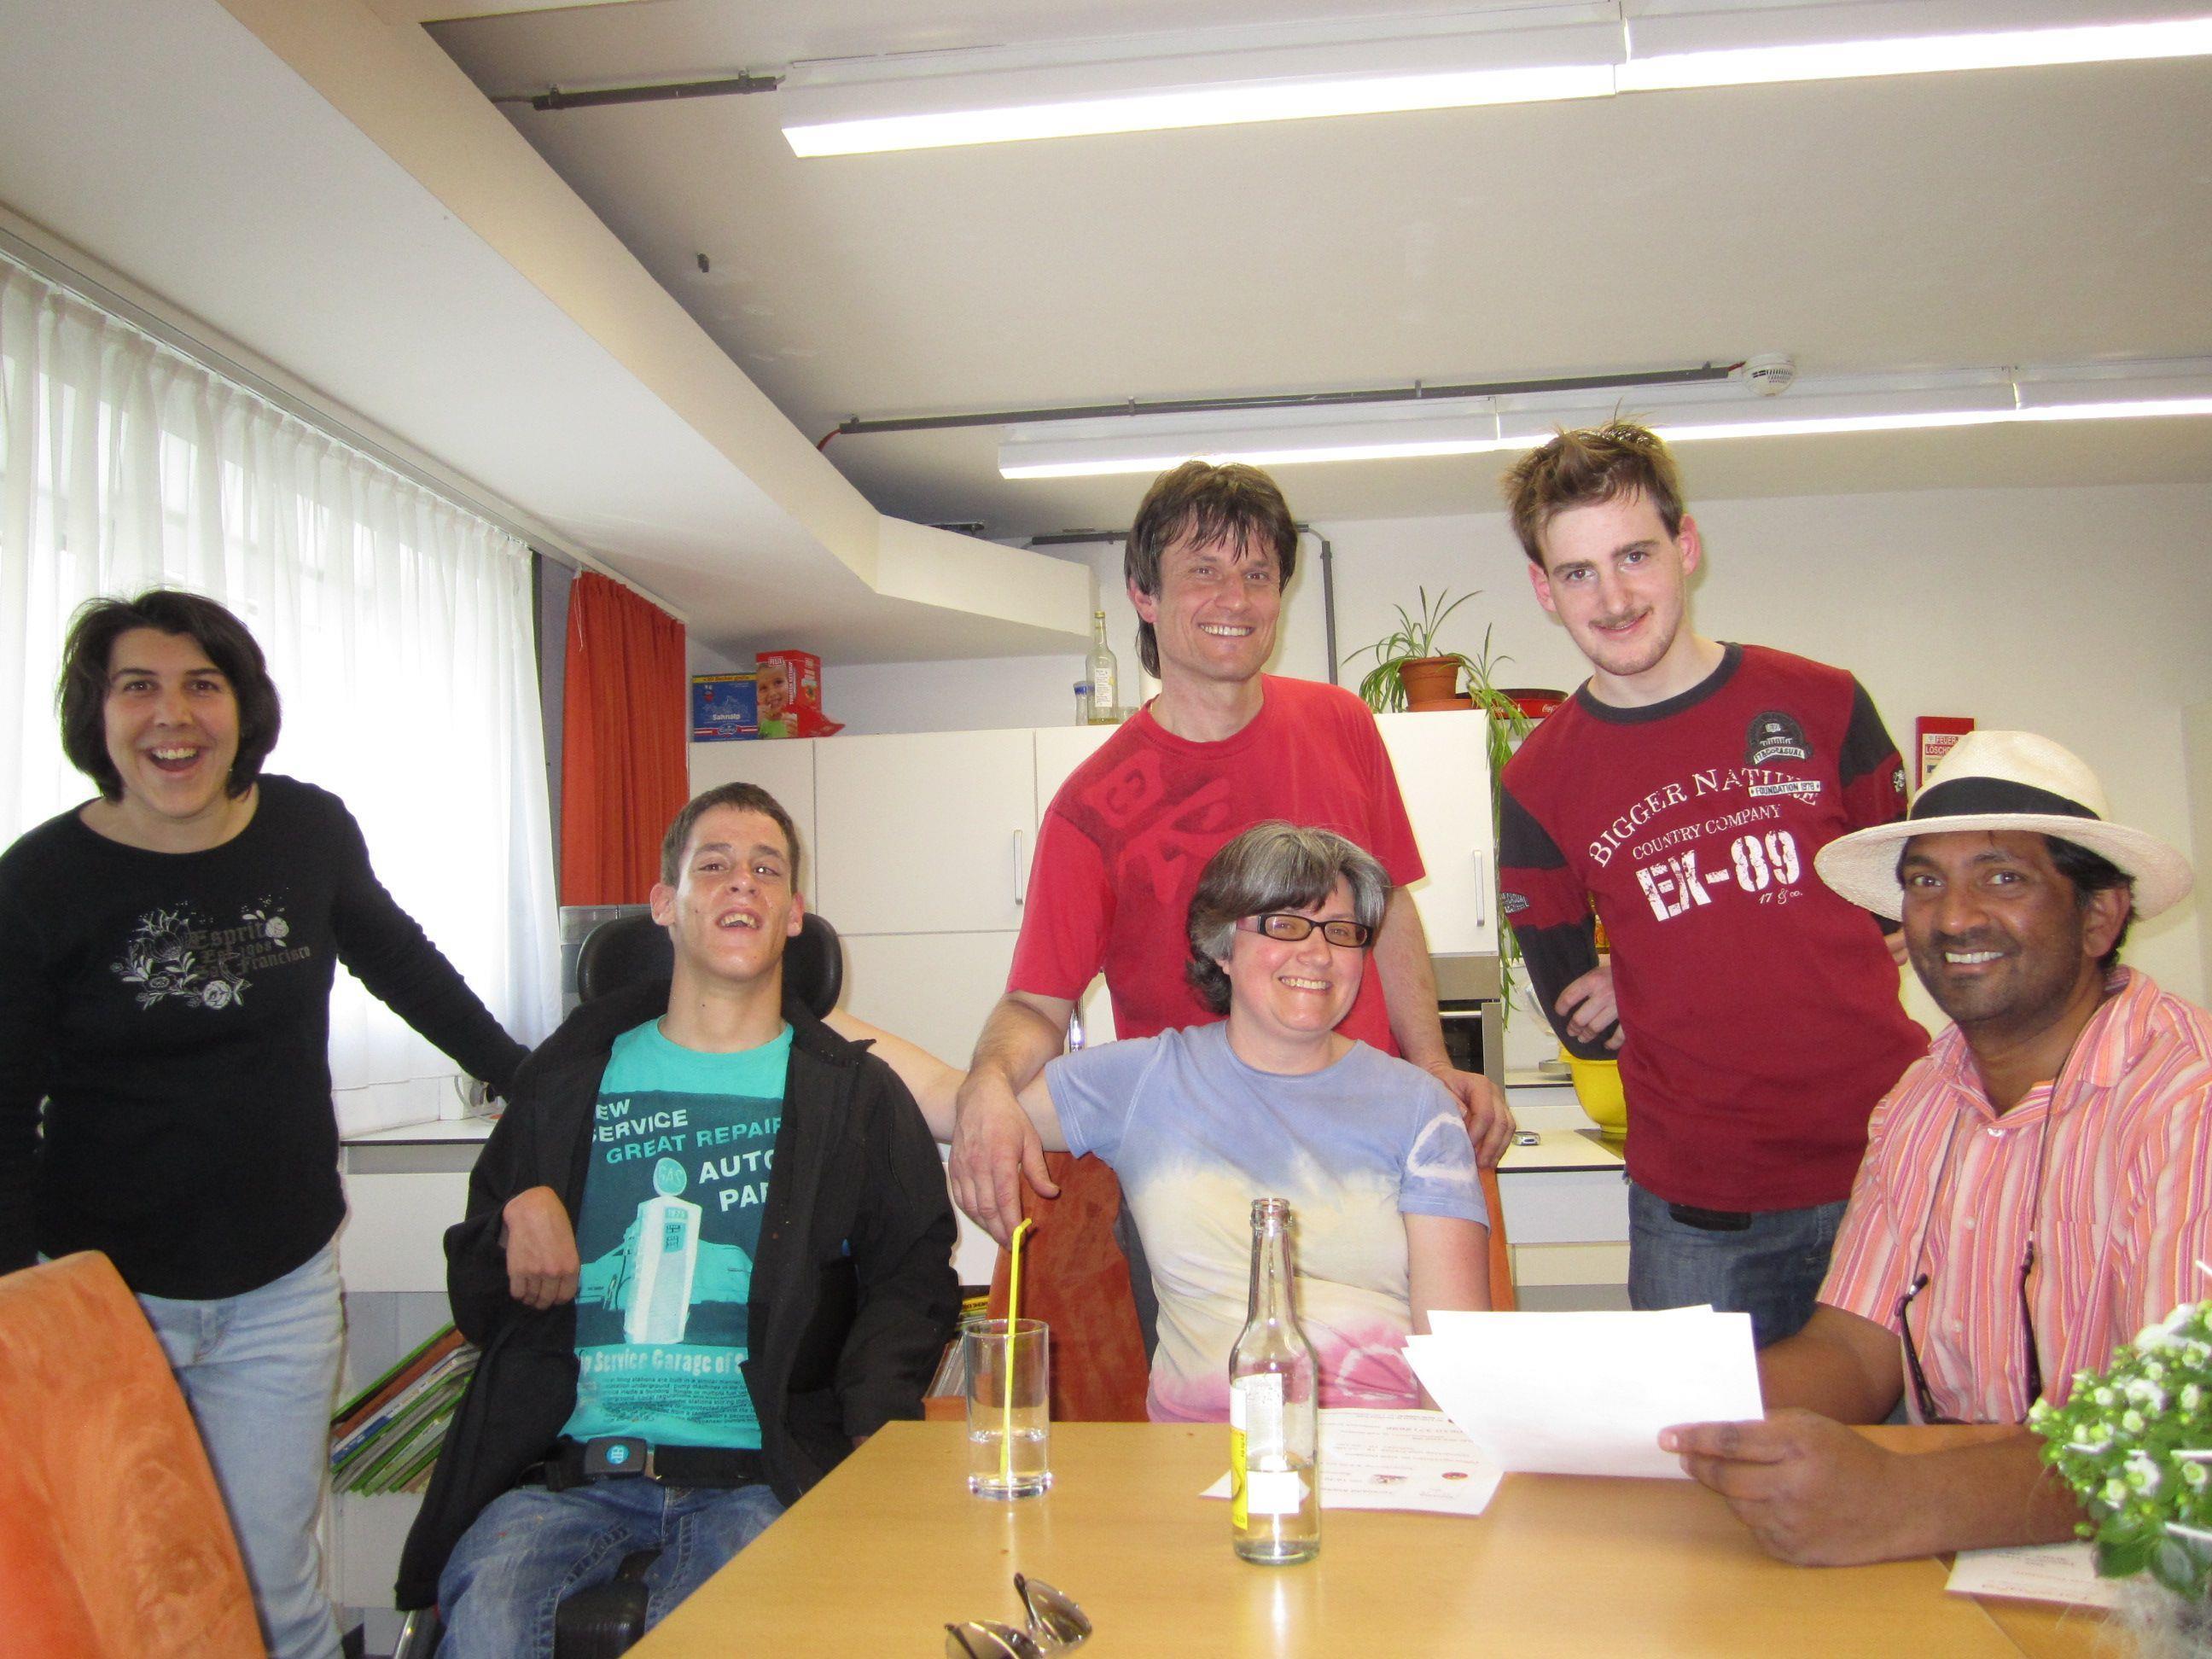 single in Dornbirn - Bekanntschaften - Partnersuche